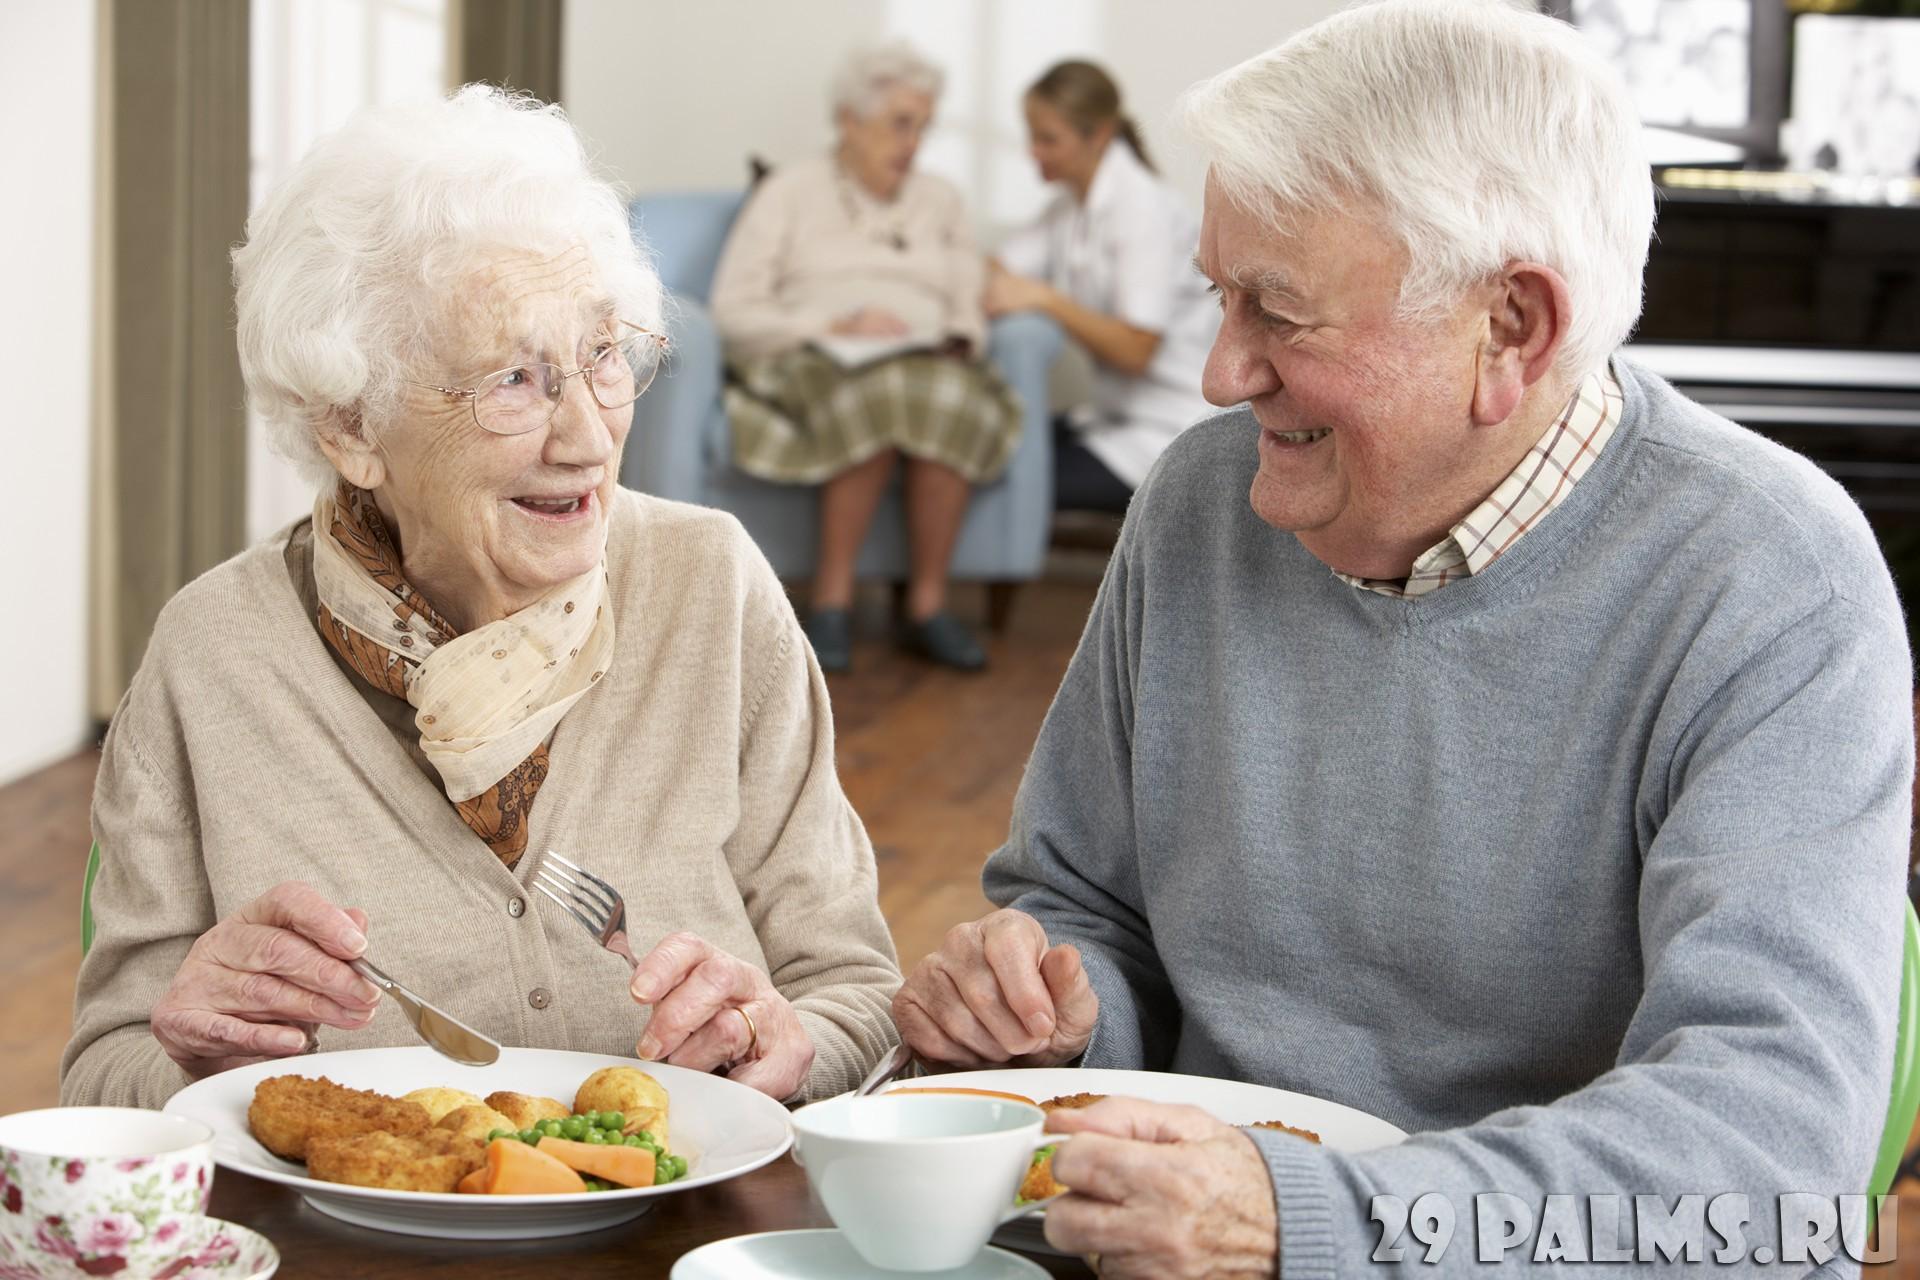 Приватные фото сессии пожилых пар 9 фотография